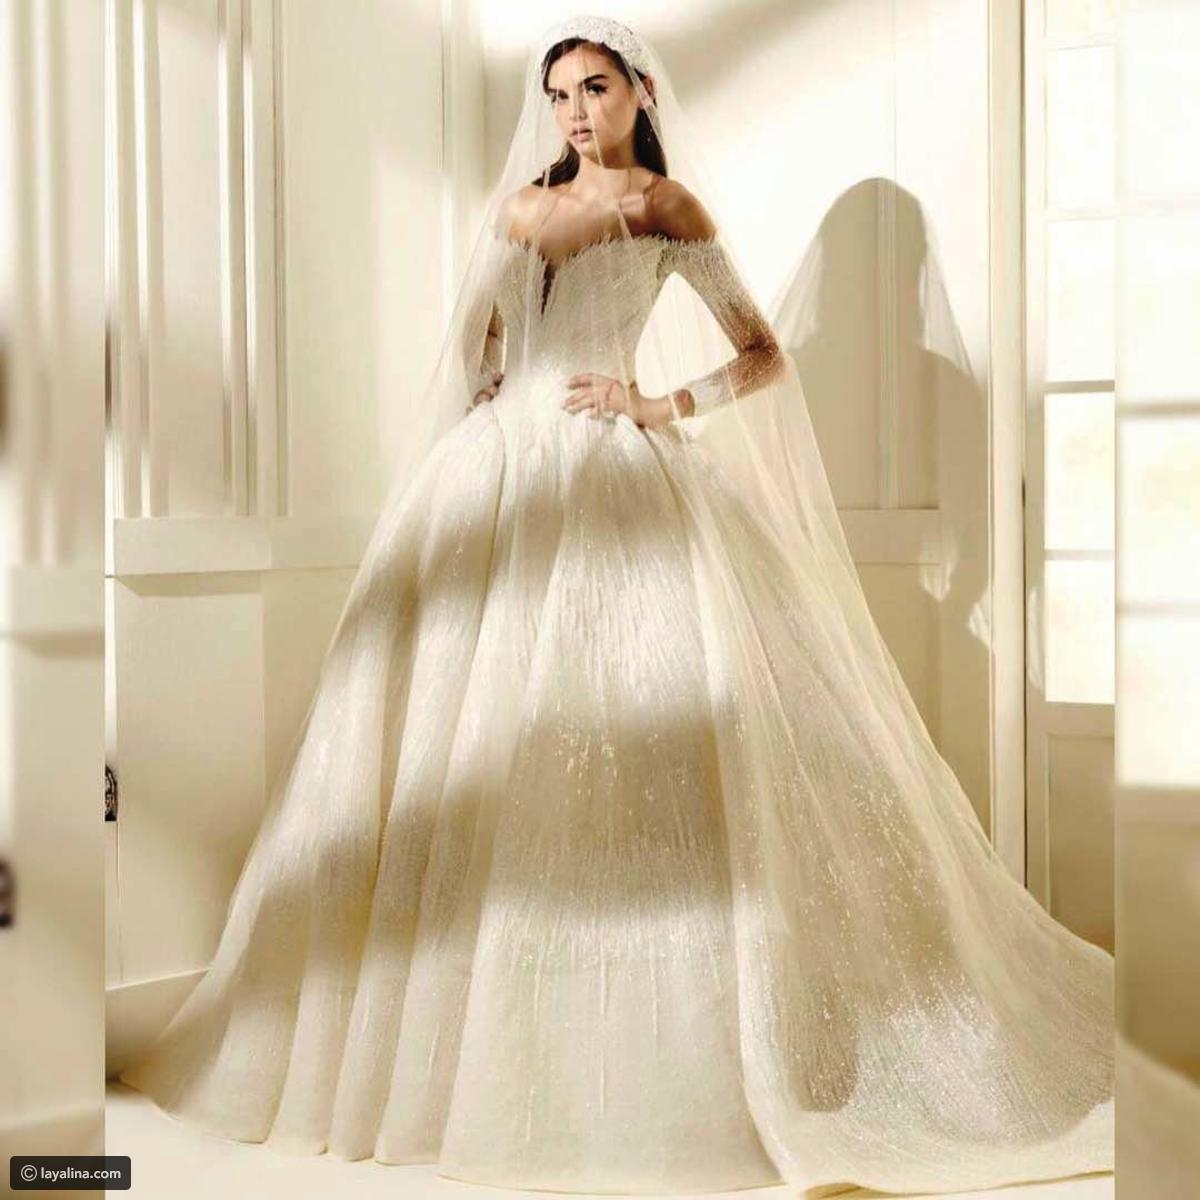 بالصور اجمل فساتين اعراس , فساتين زفاف 2019 1326 9